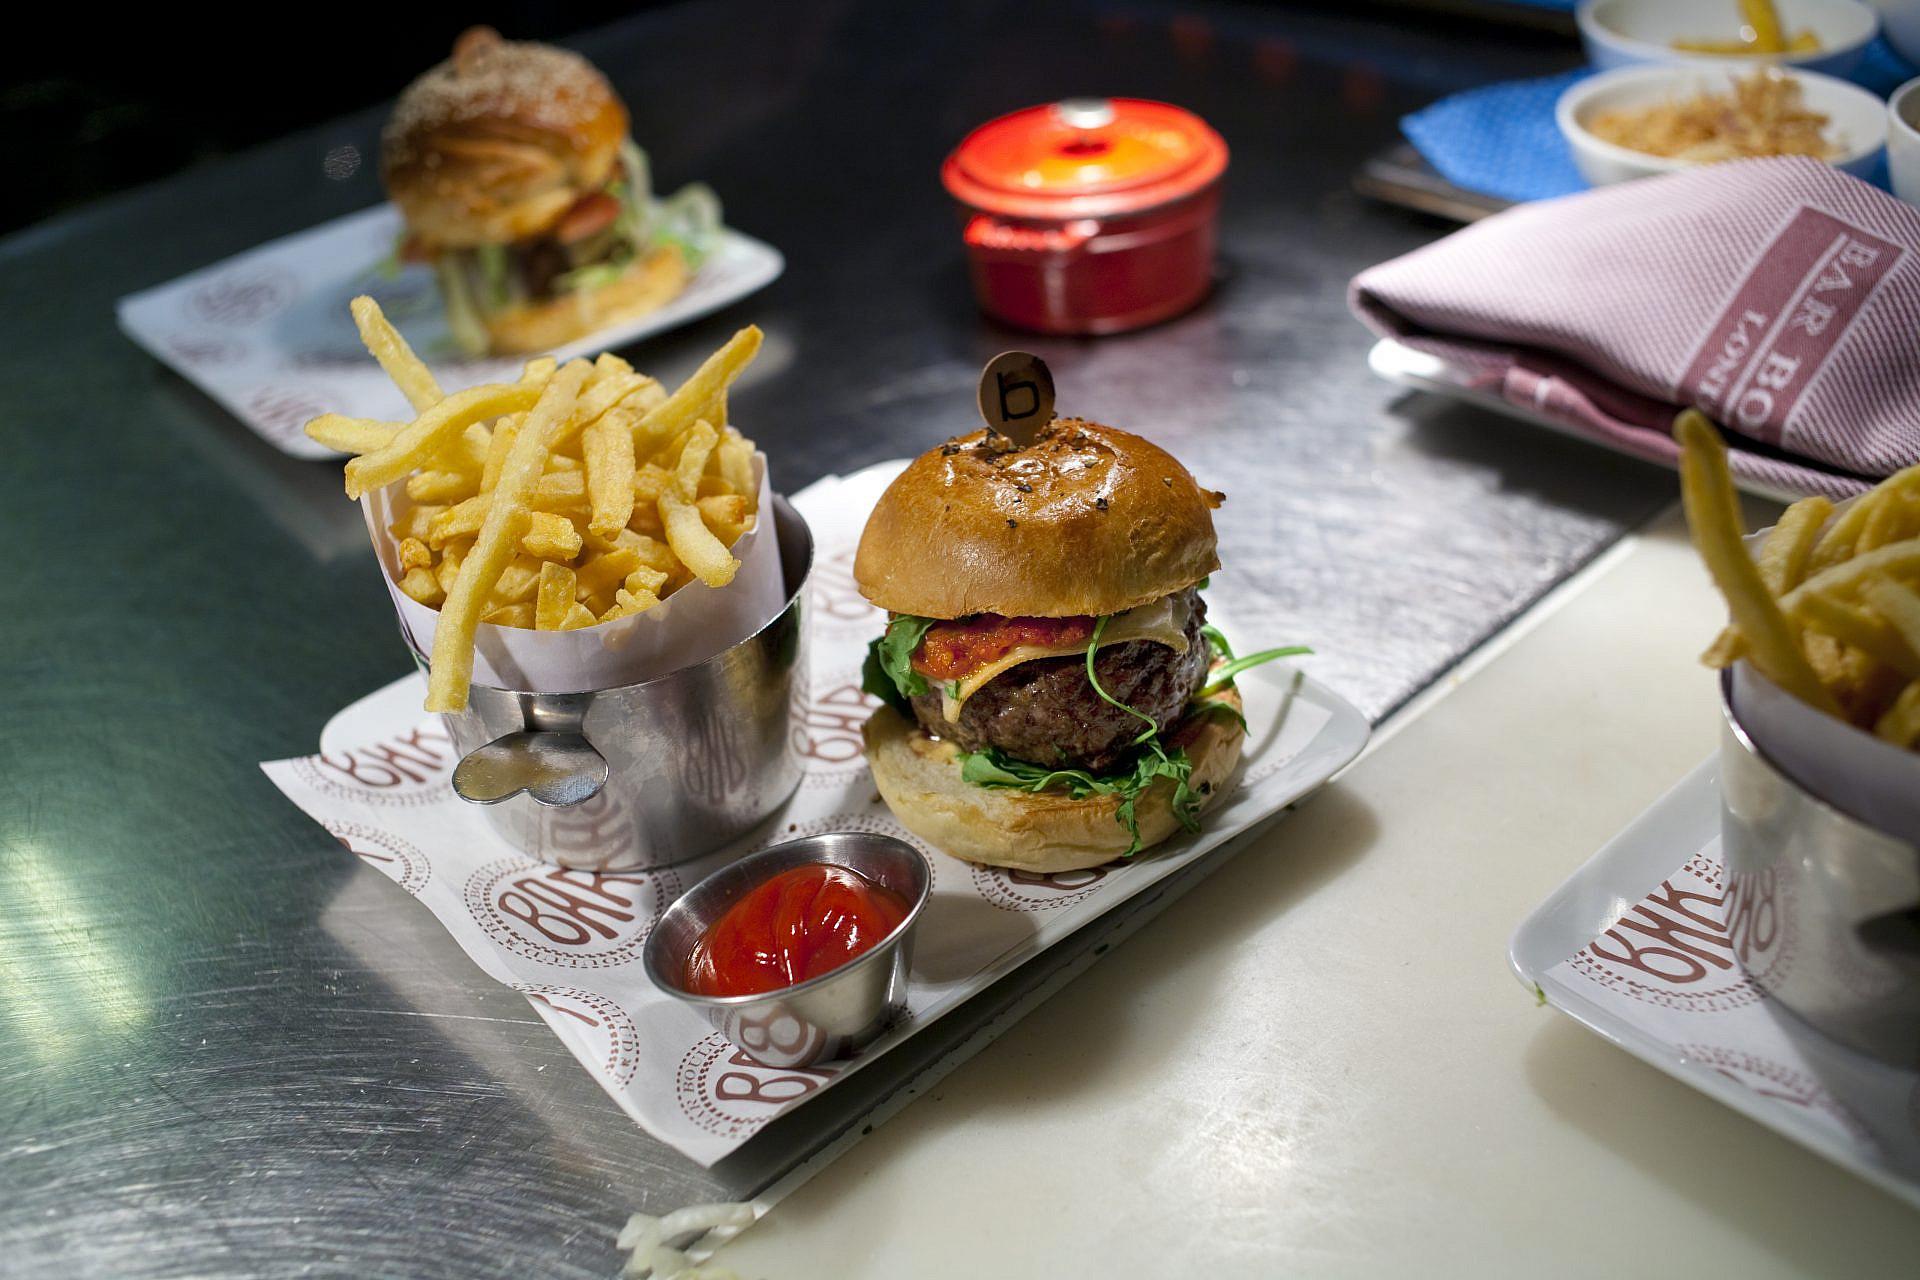 ההמבורגר של דניאל בולו ב-DB ביסטרו מודרן הניו יורקית (צילום: סטן הונדה\AFP\גטי אימג'ס)